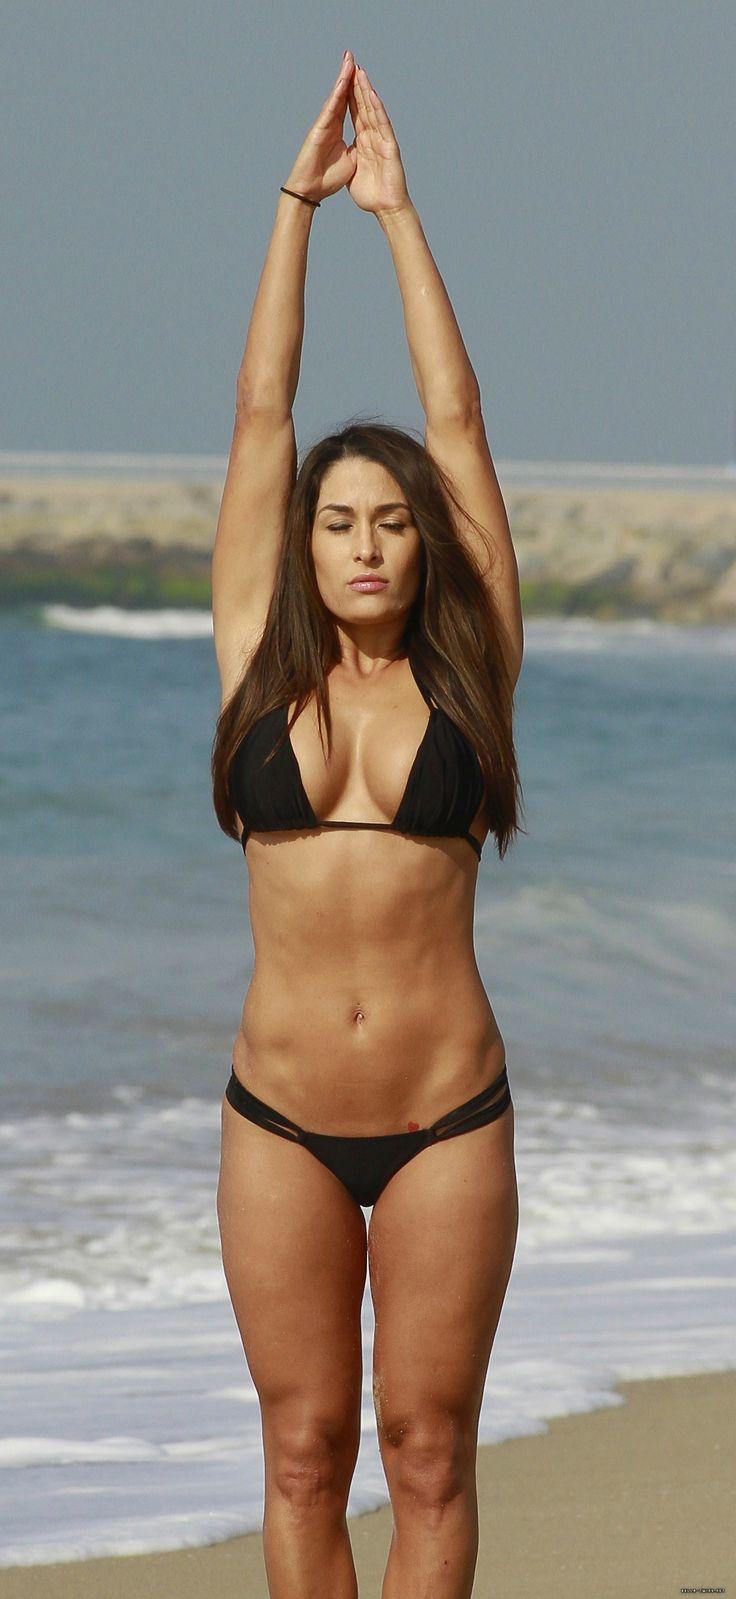 Her body pics 39